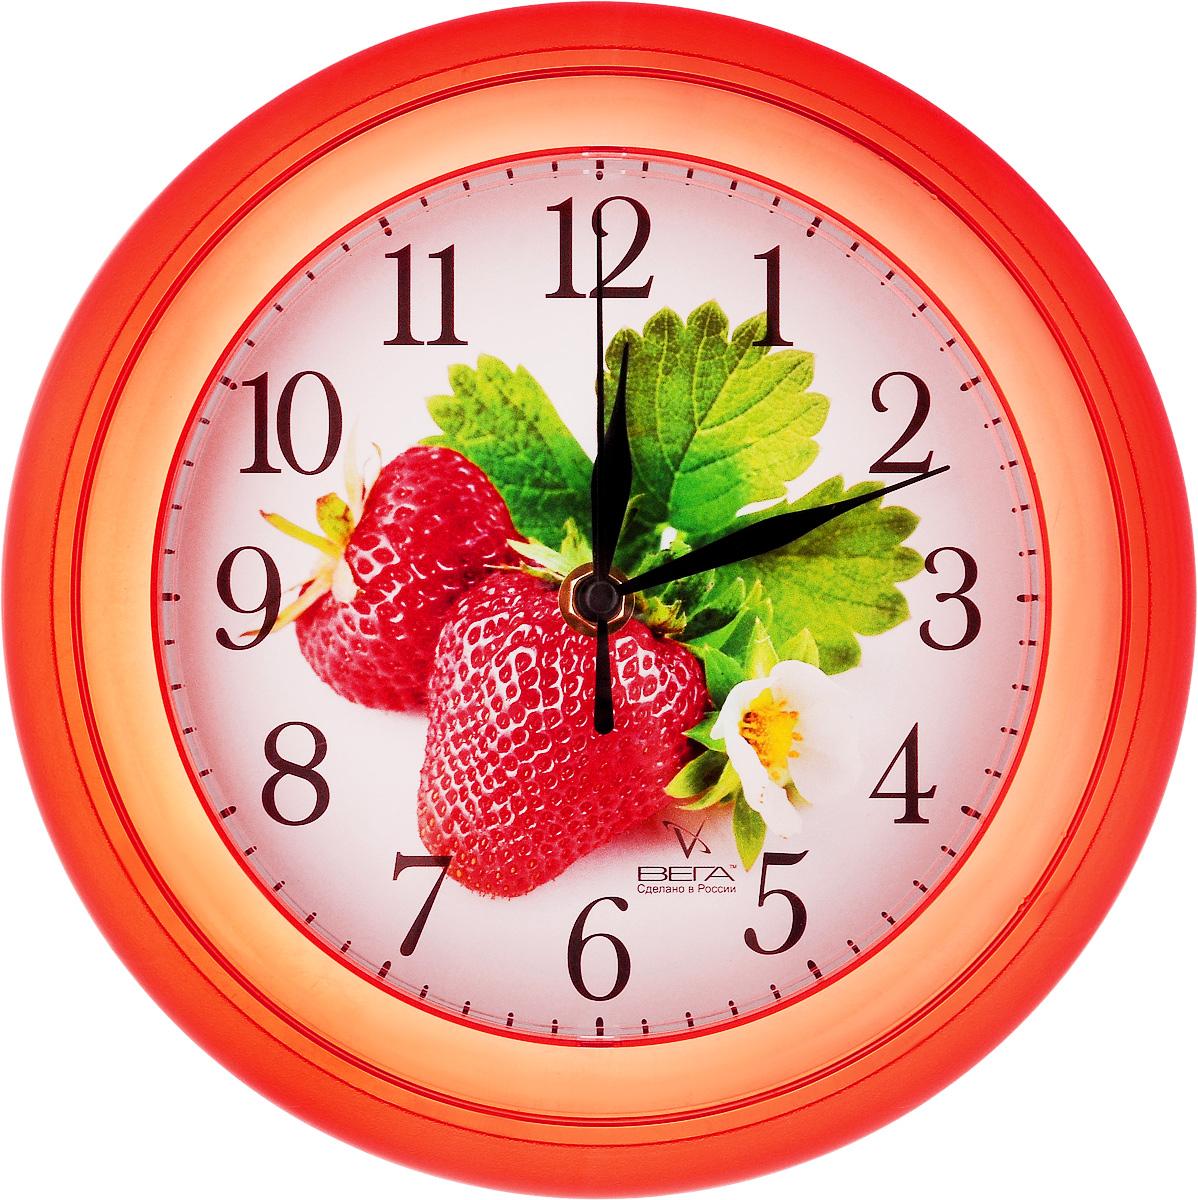 Часы настенные Вега Клубника, диаметр 22,5 смП6-1-101Настенные кварцевые часы Вега Клубника, изготовленные из пластика, прекрасно впишутся в интерьервашего дома. Круглые часы имеют три стрелки: часовую,минутную и секундную, циферблат защищен прозрачным стеклом.Часы работают от 1 батарейки типа АА напряжением 1,5 В (не входит в комплект).Диаметр часов: 22,5 см.